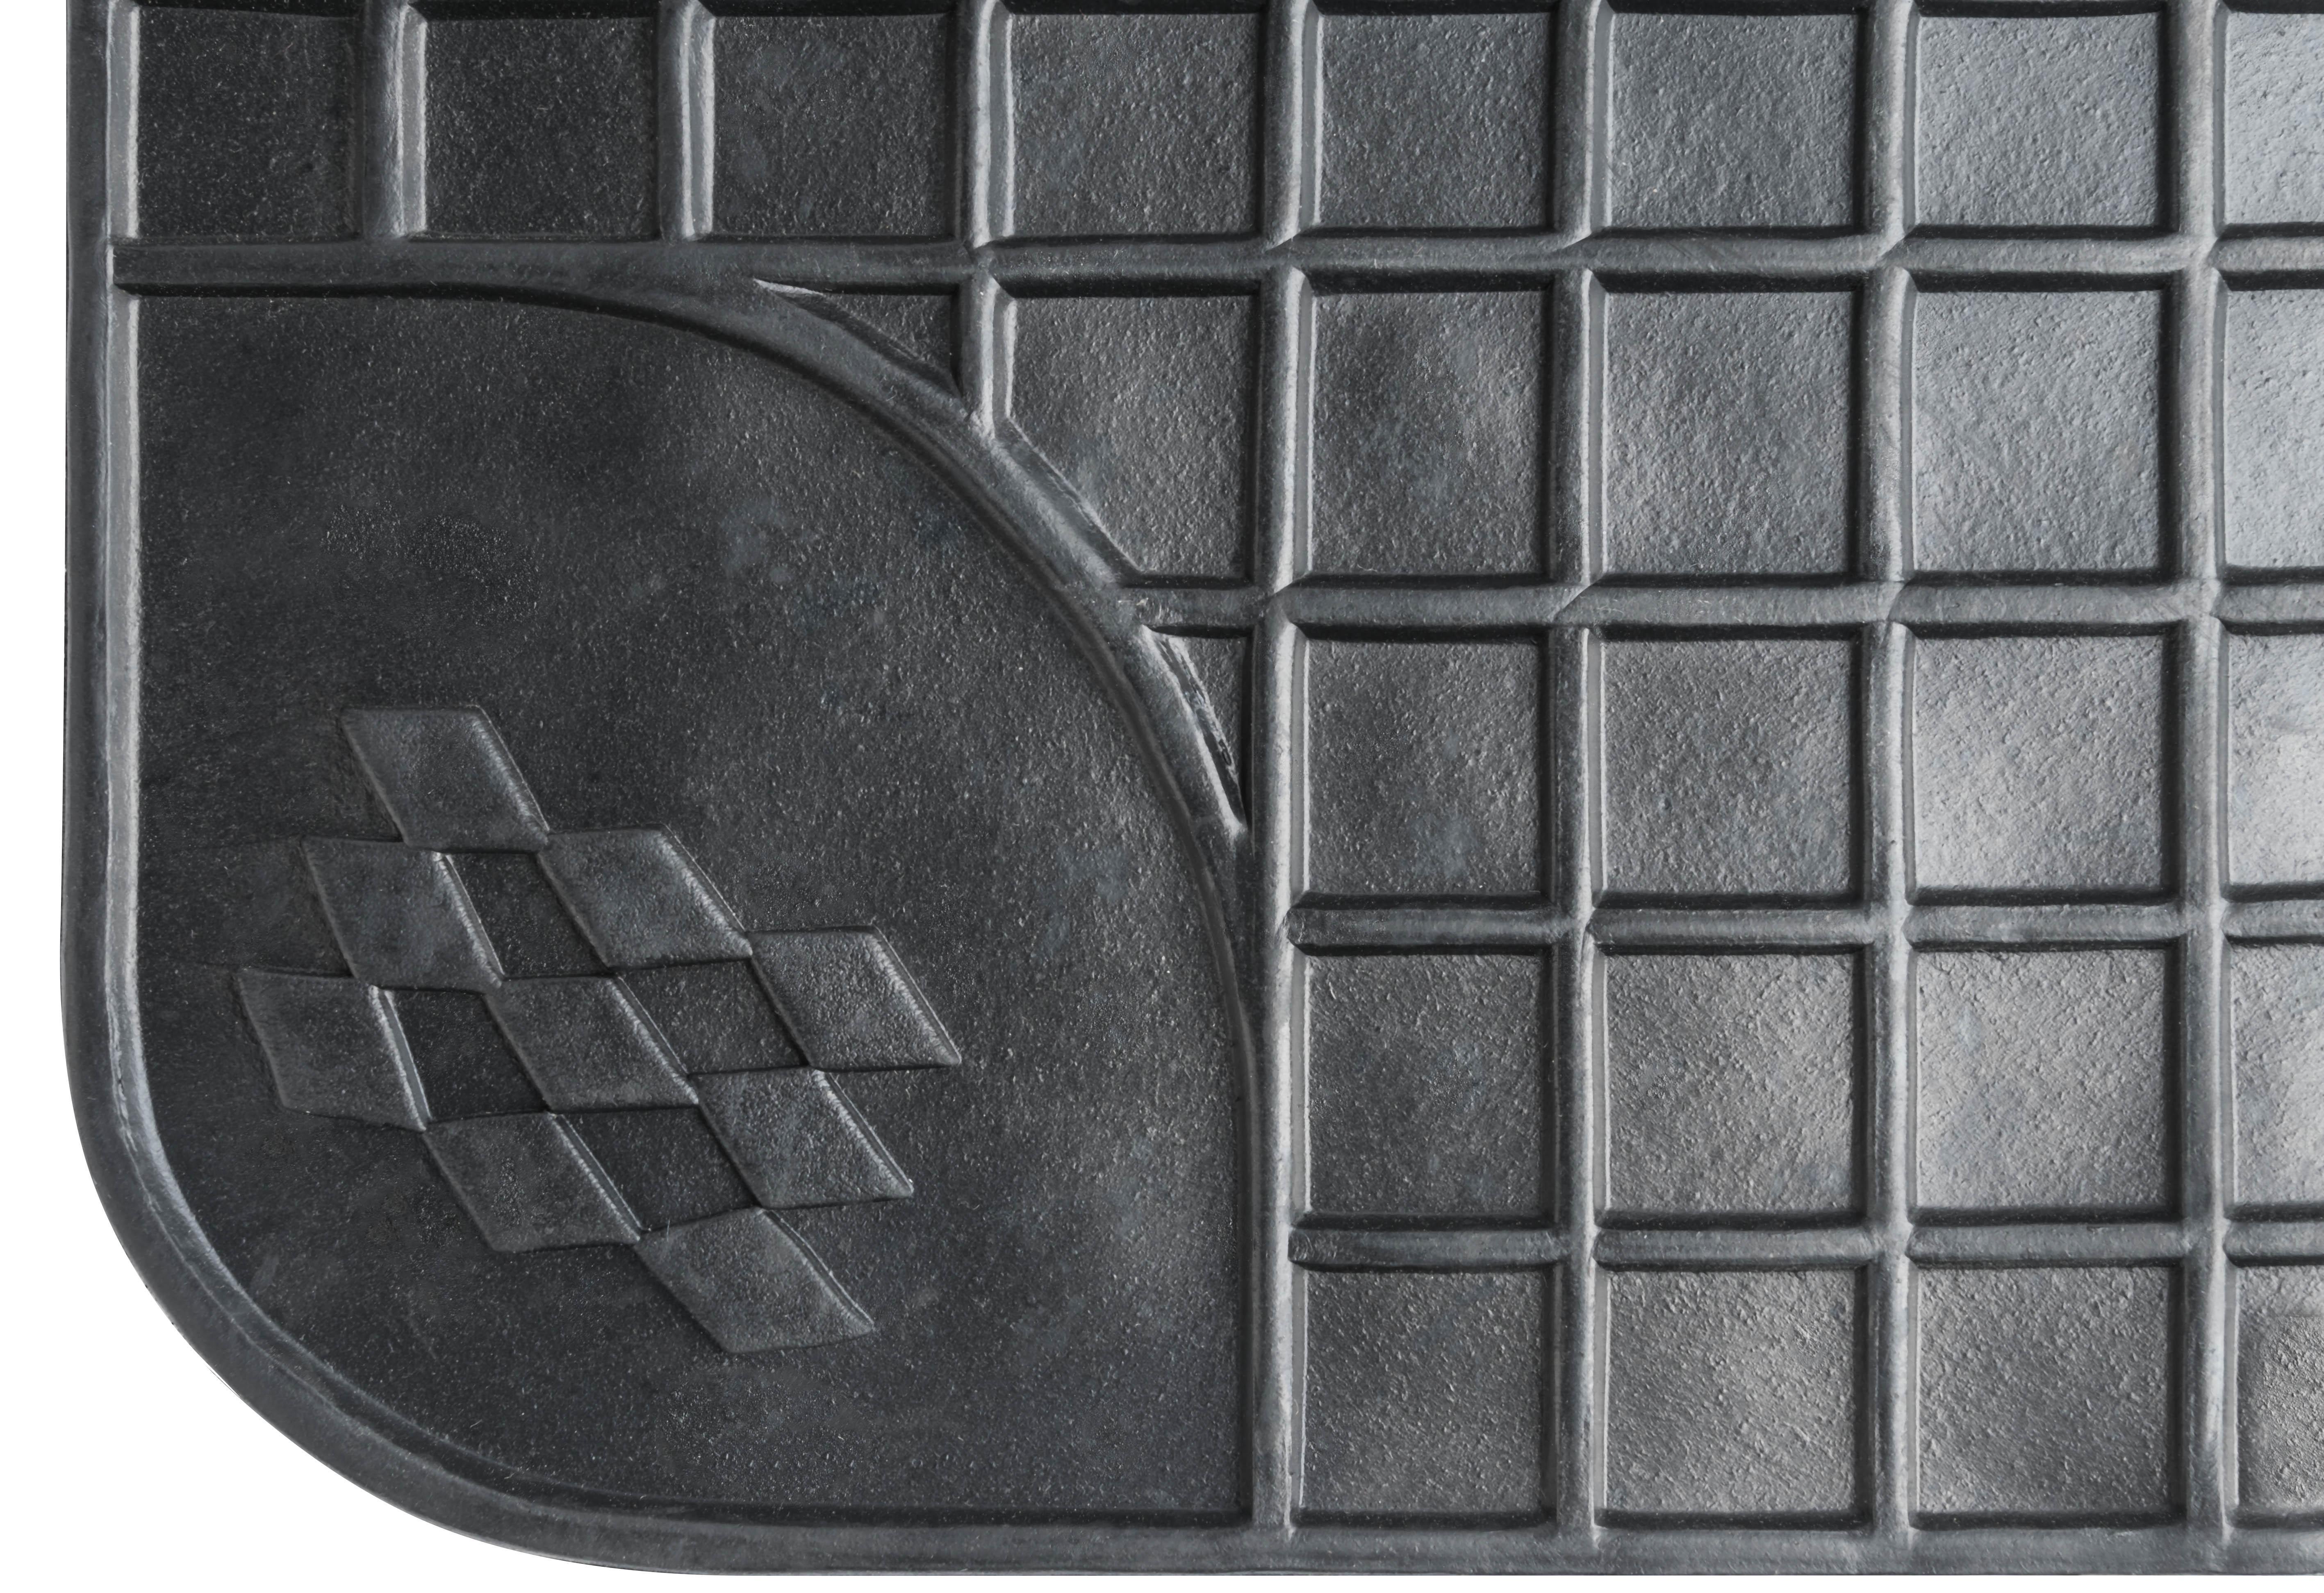 14833 Ensemble de tapis de sol WALSER 14833 - Enorme sélection — fortement réduit